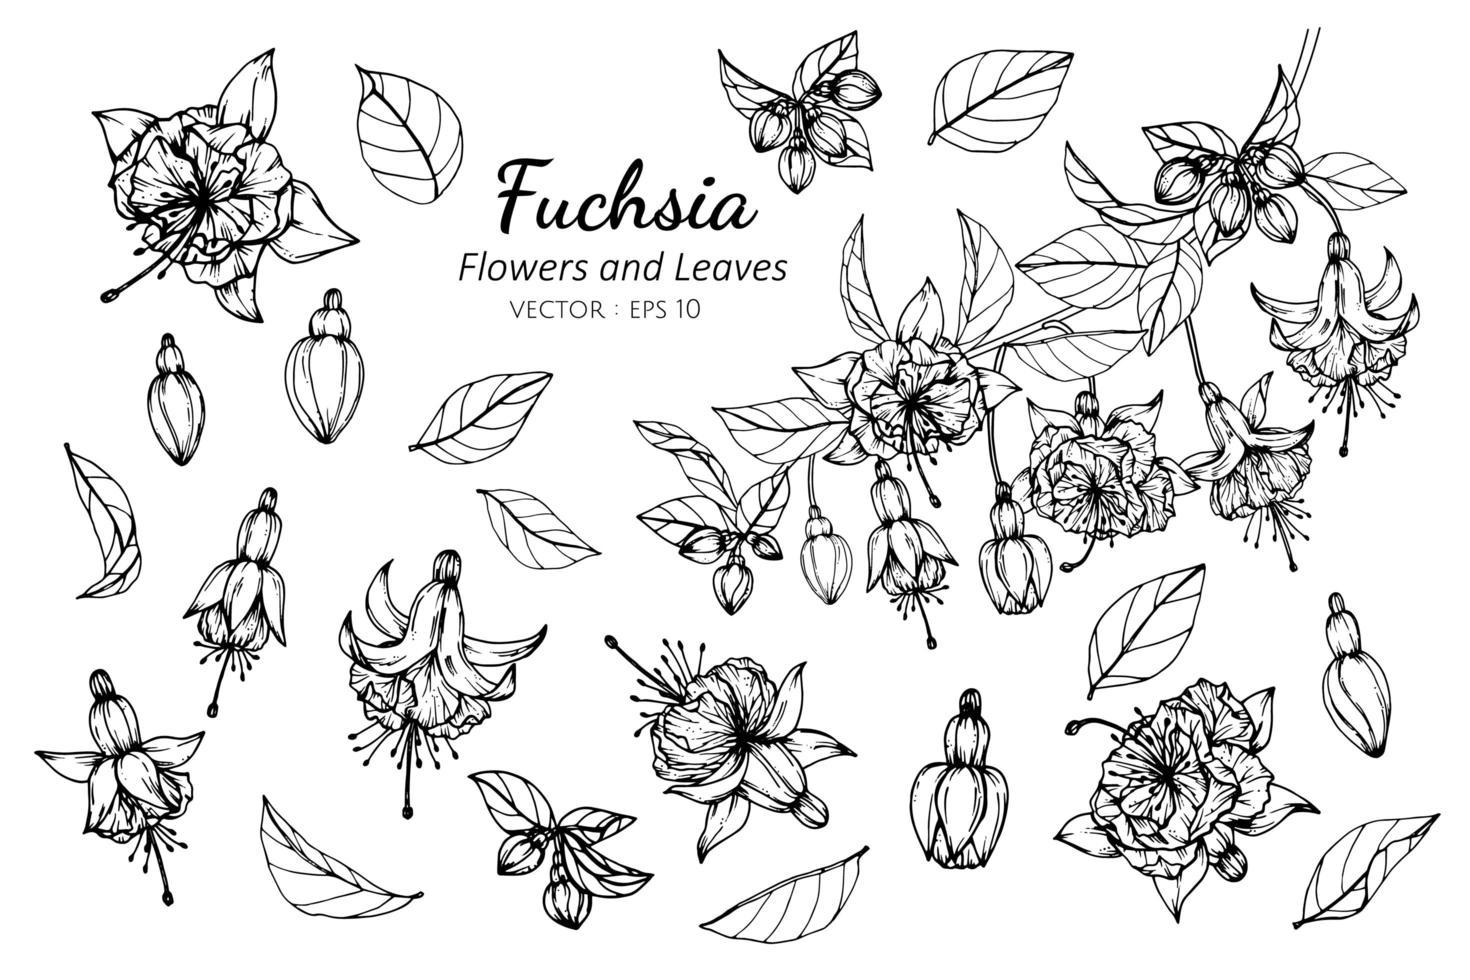 Sammlung von Fuchsia Blumen und Blättern vektor